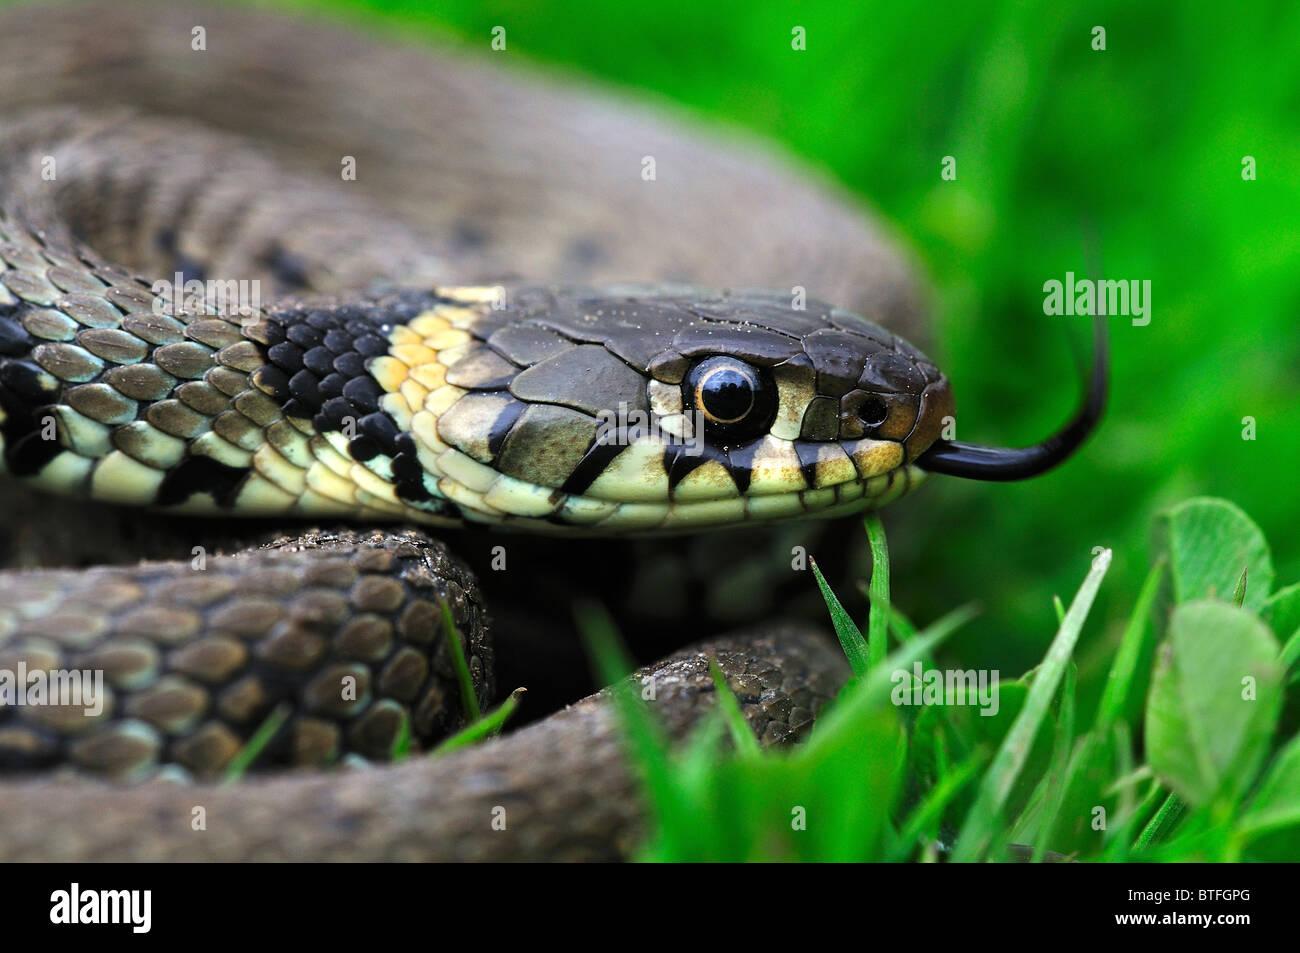 Un adulte couleuvre effleurant sa langue, dans l'herbe. Dorset UK Avril 2009 Photo Stock